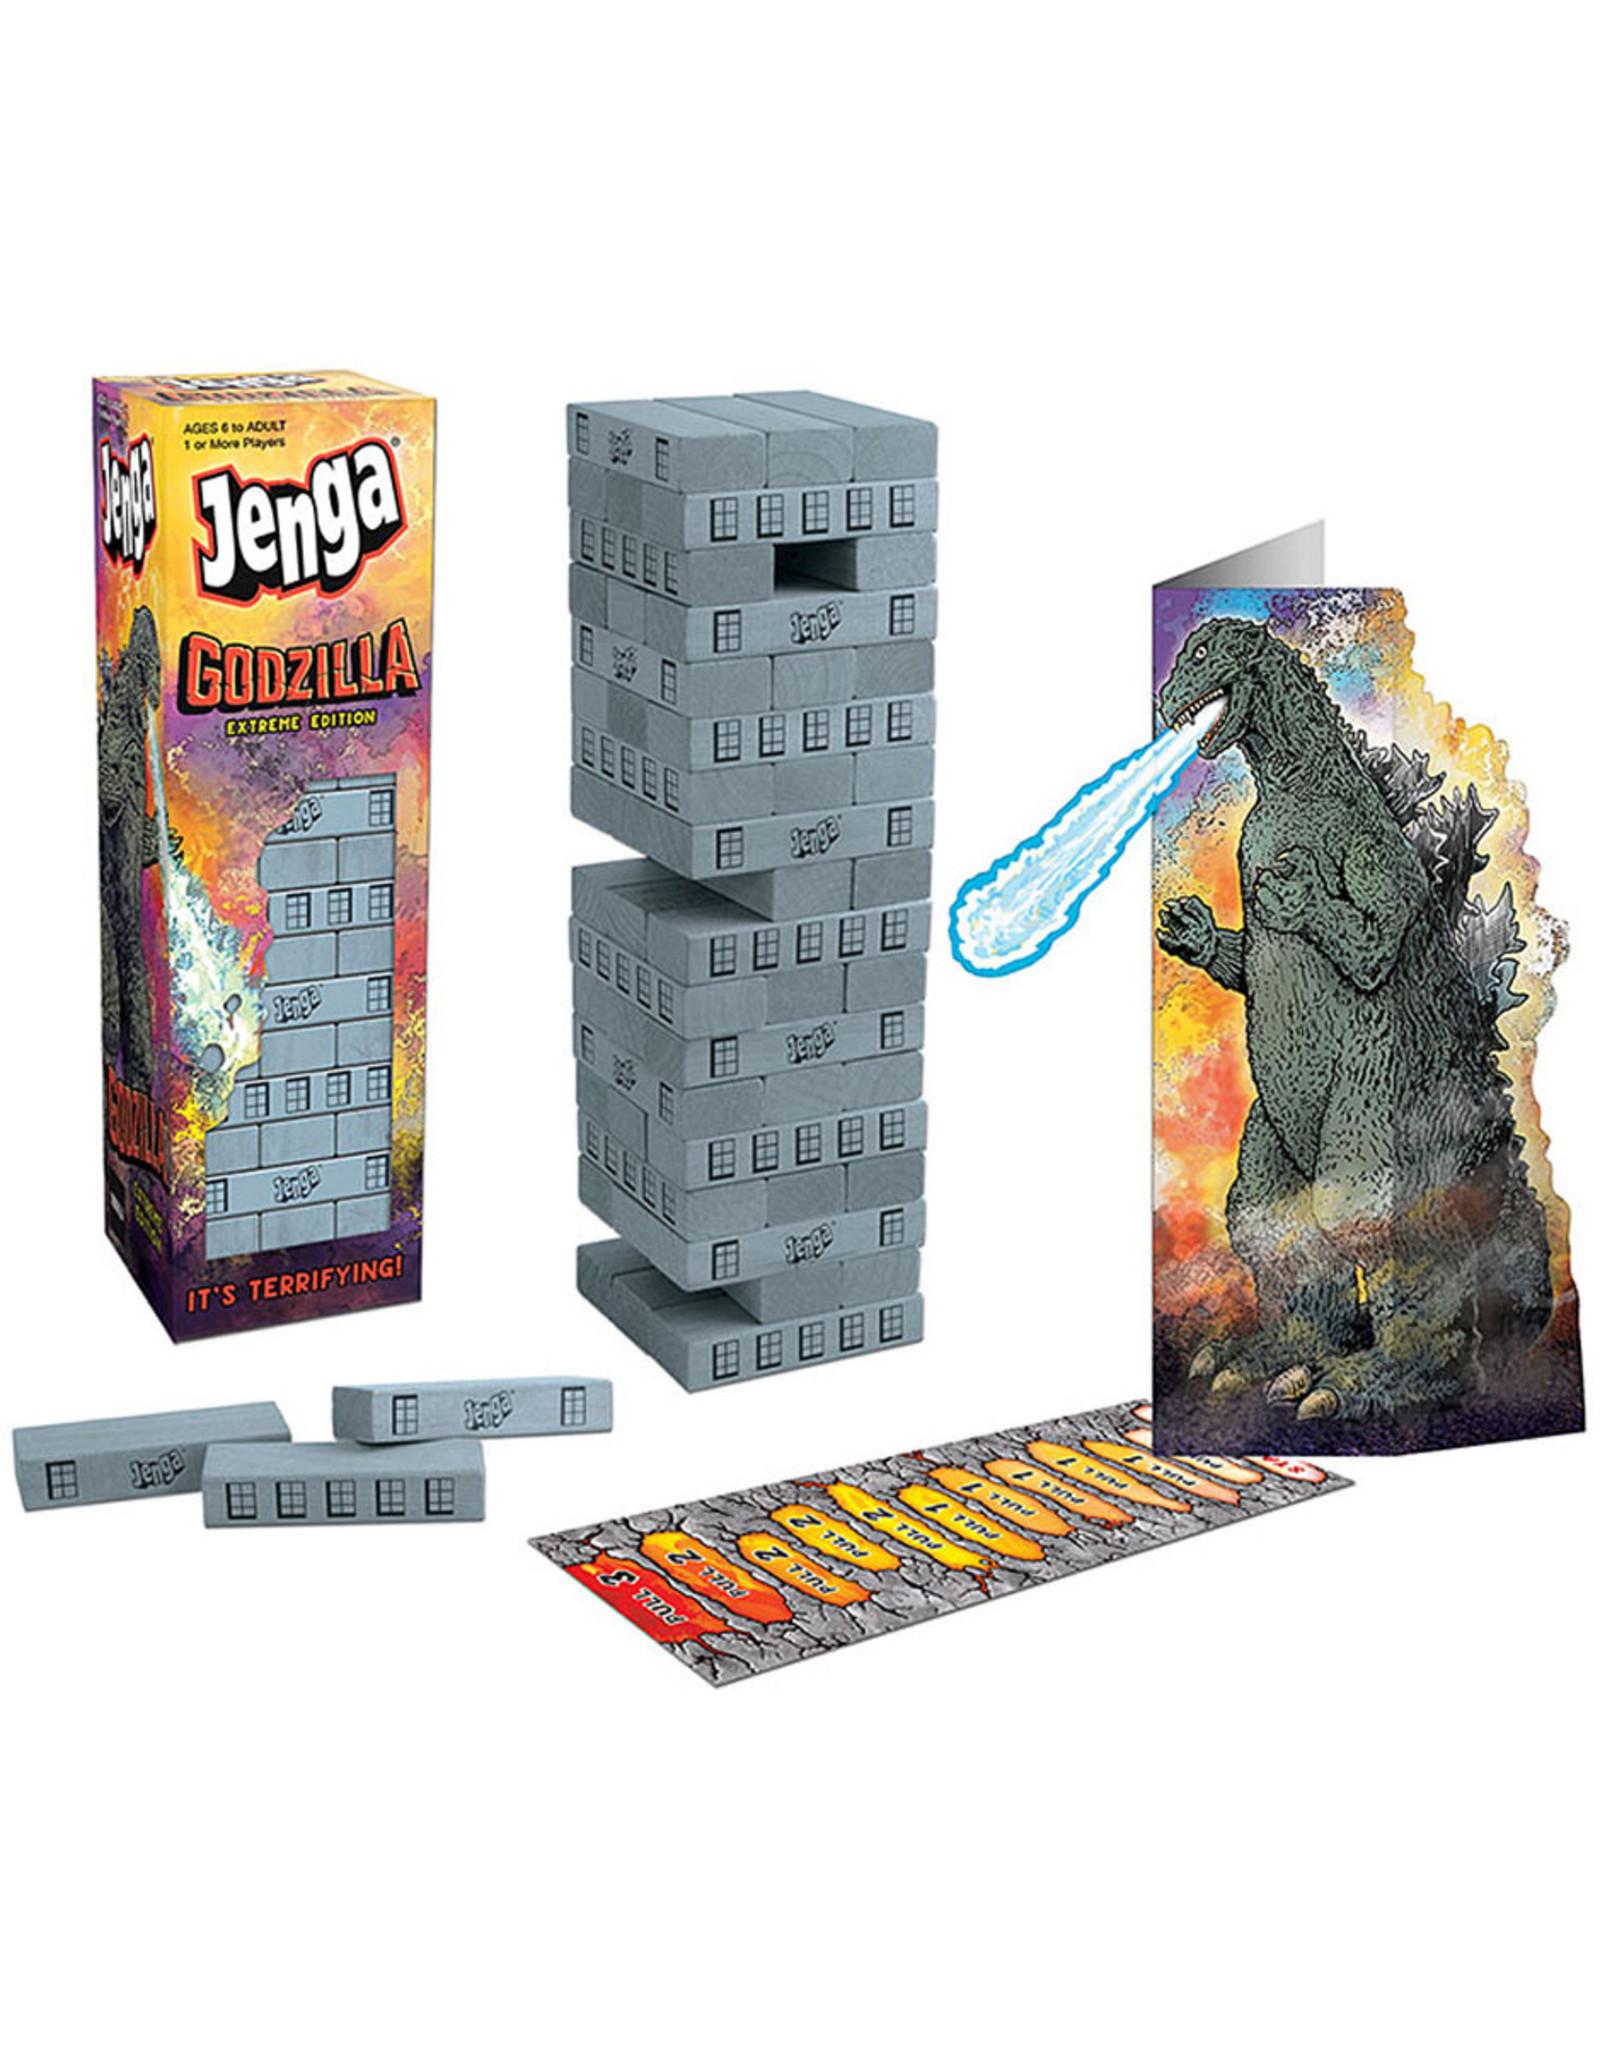 Usaopoly Jenga: Godzilla Extreme Edition